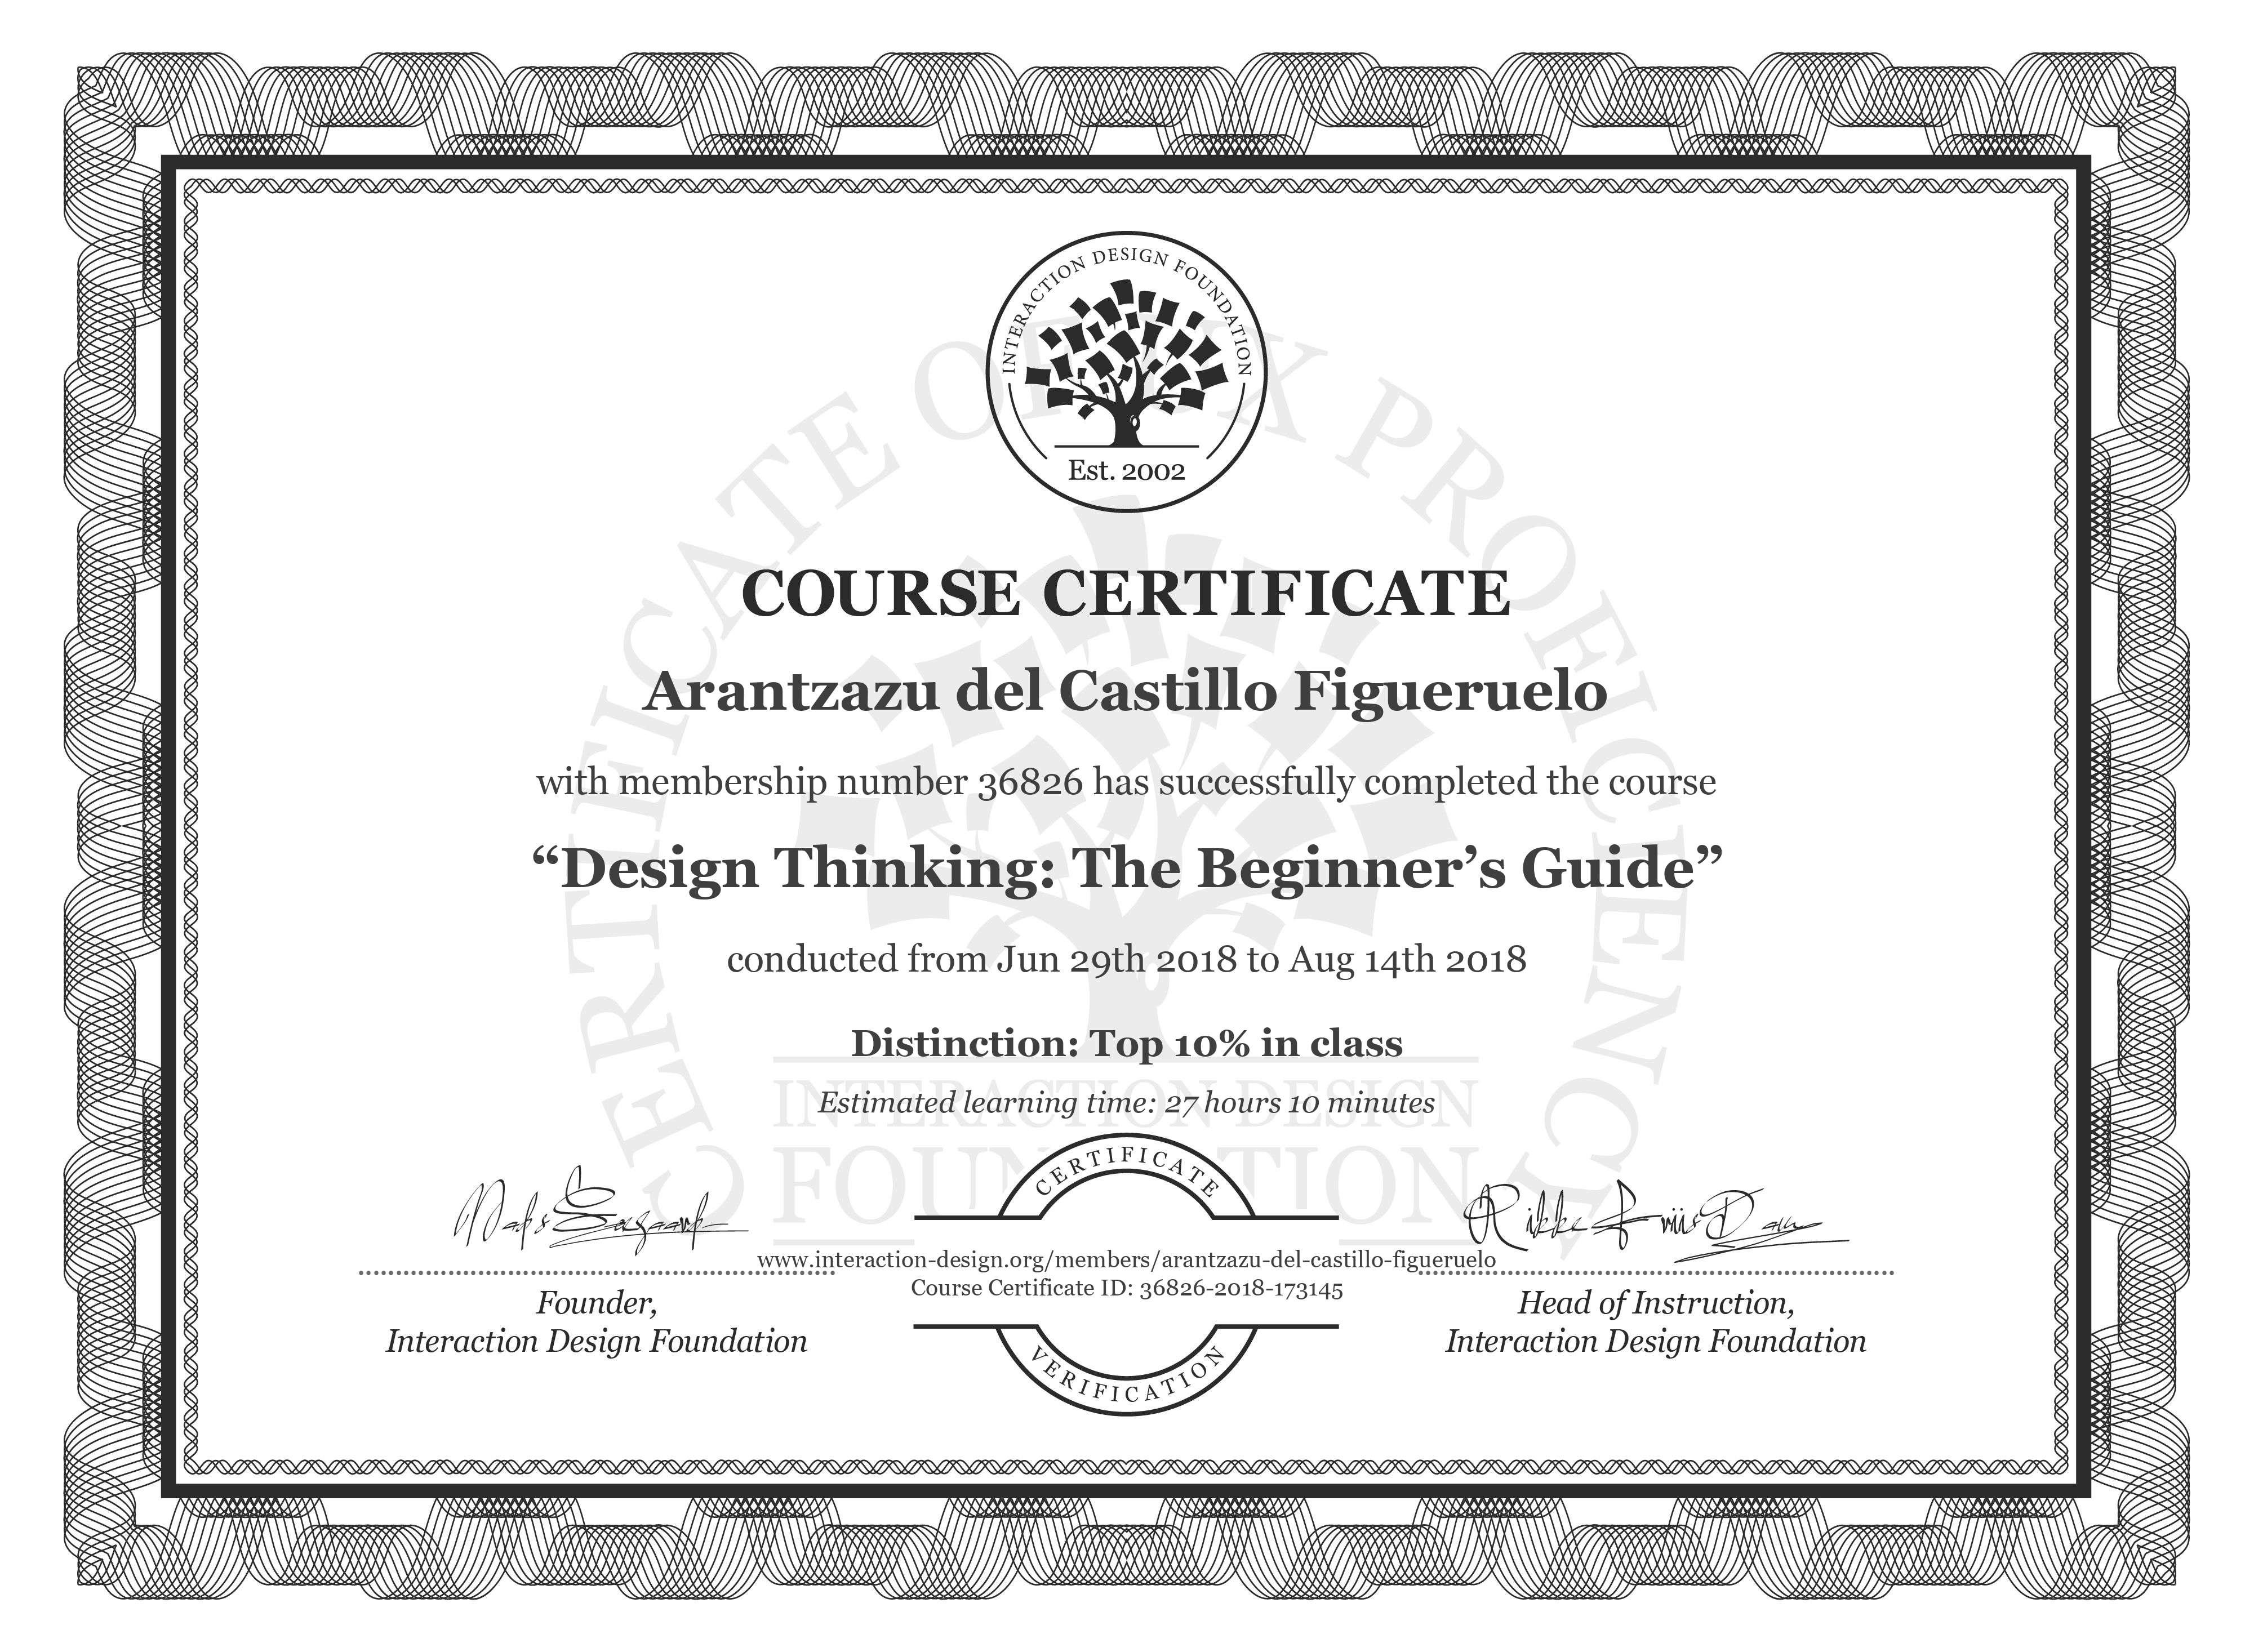 Arantzazu del Castillo Figueruelo's Course Certificate: Design Thinking: The Beginner's Guide